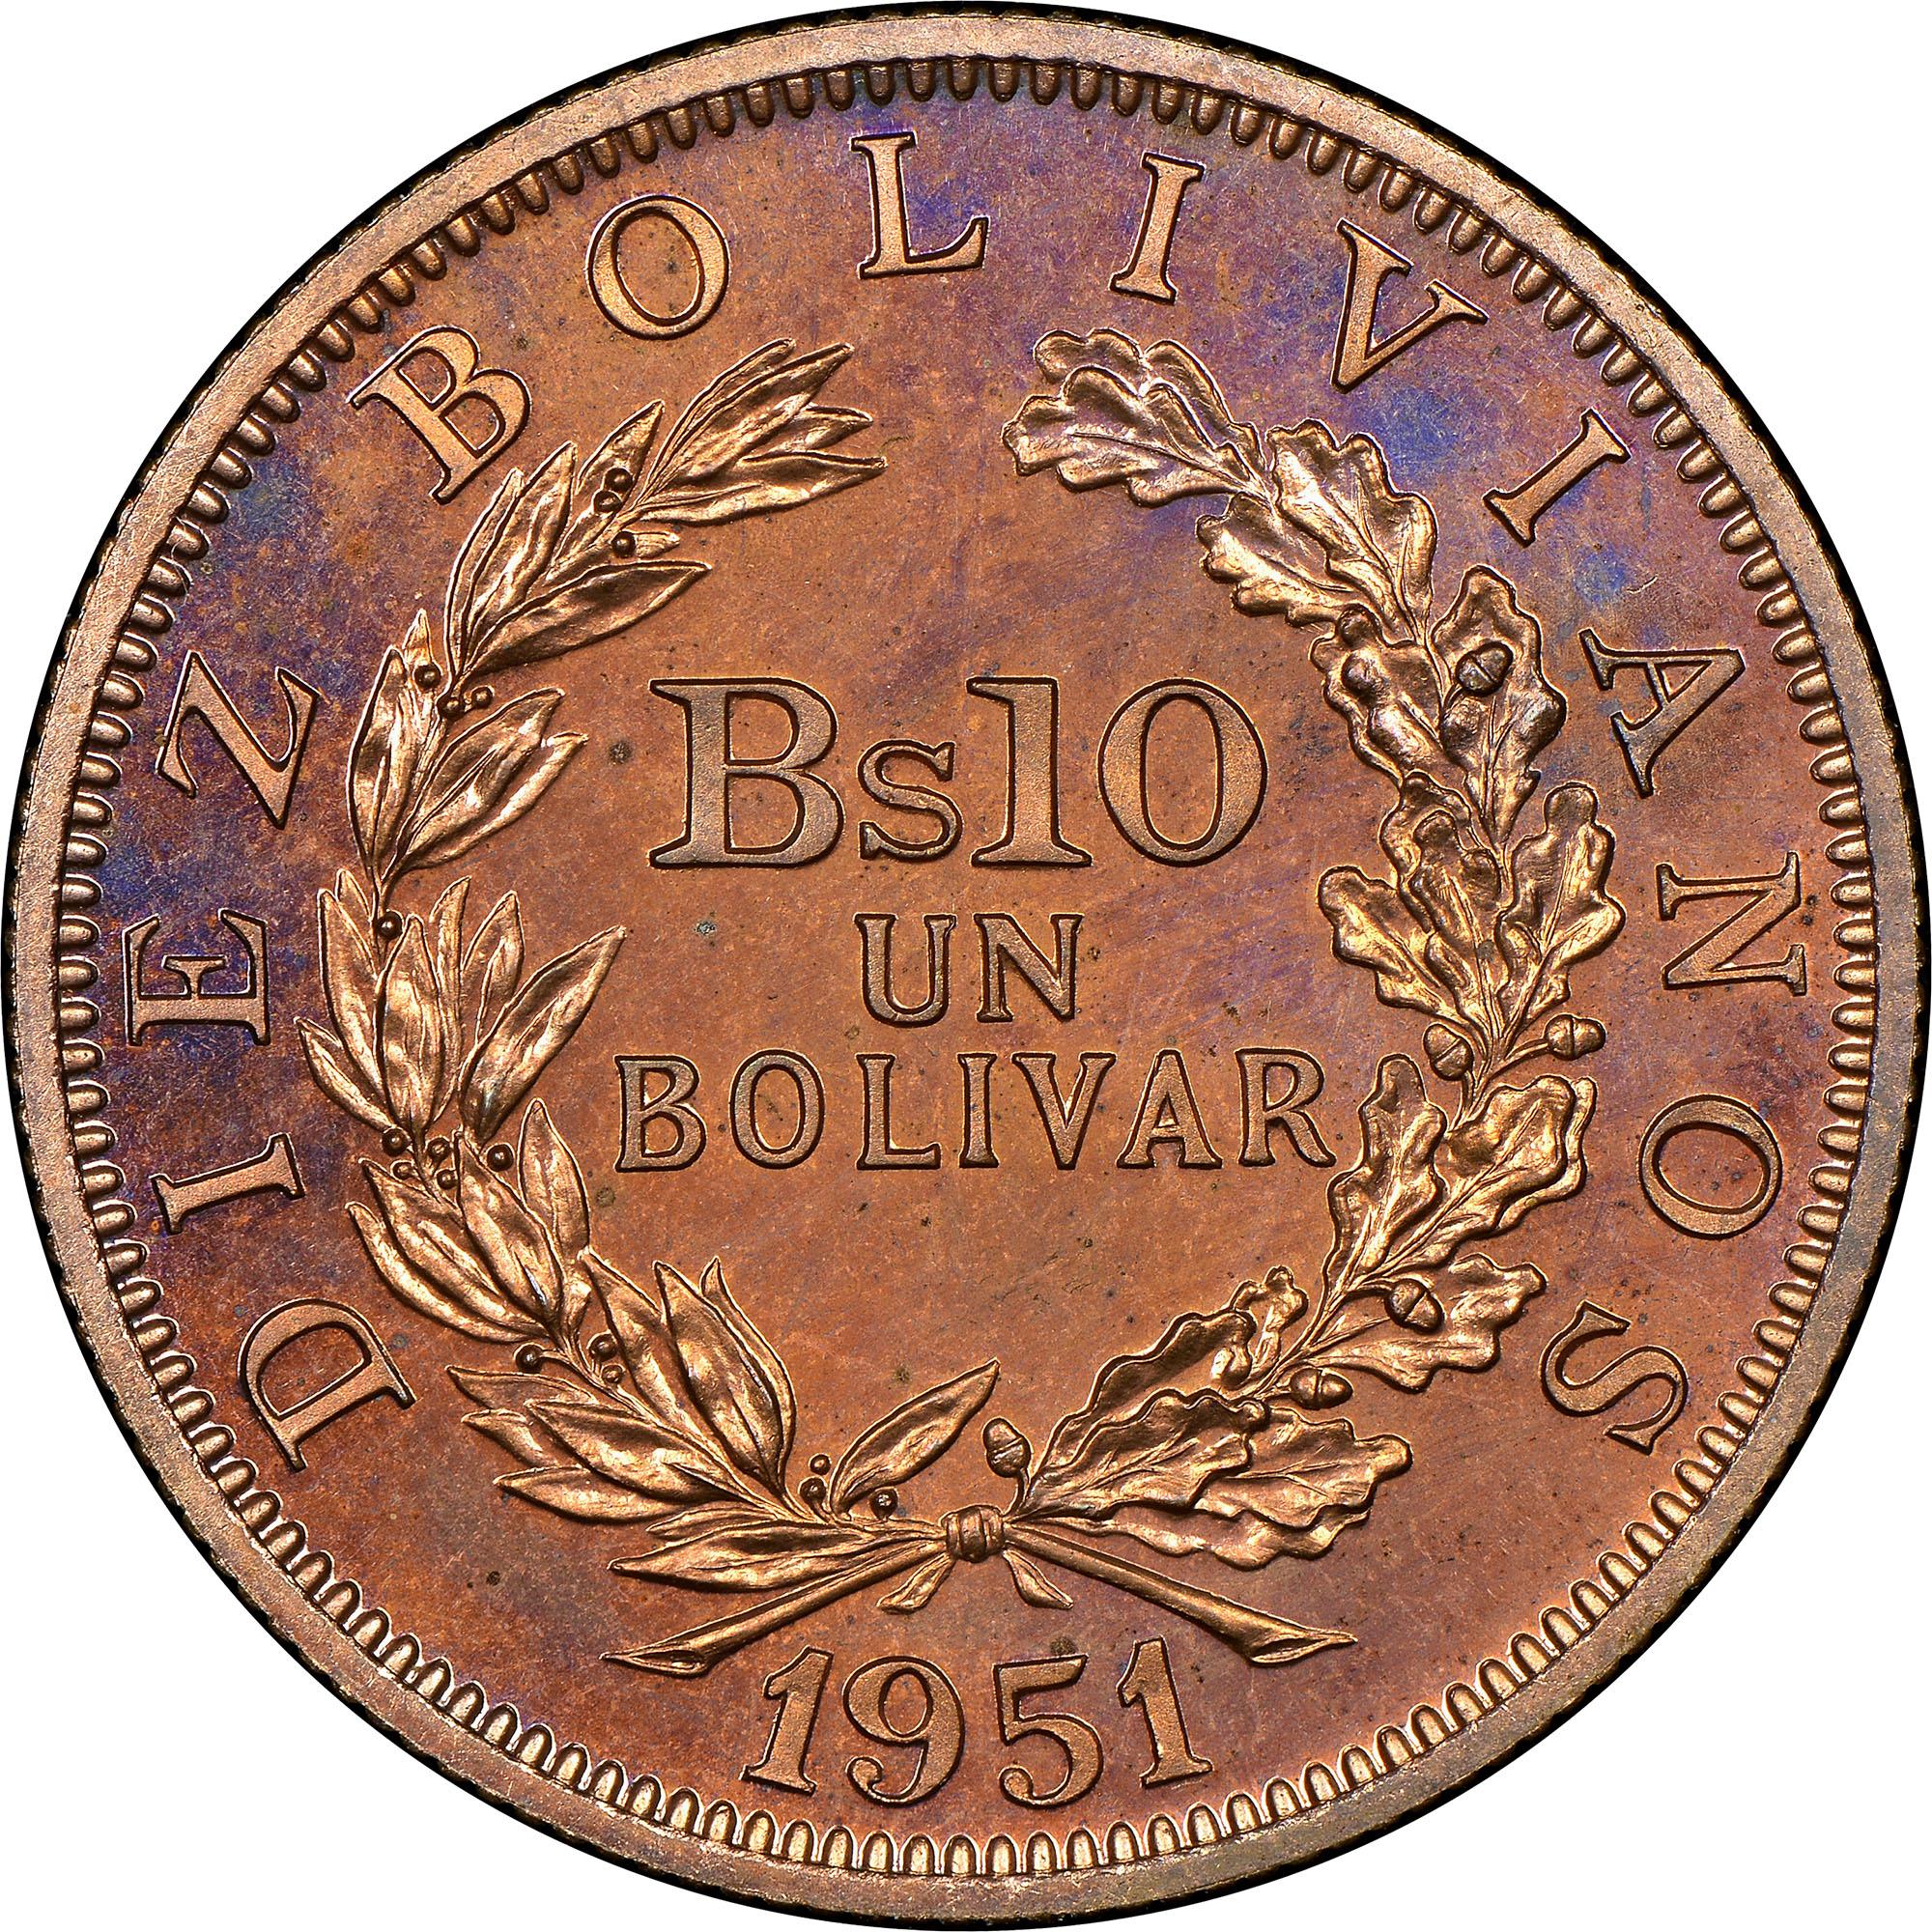 Bolivia 10 Bolivianos reverse